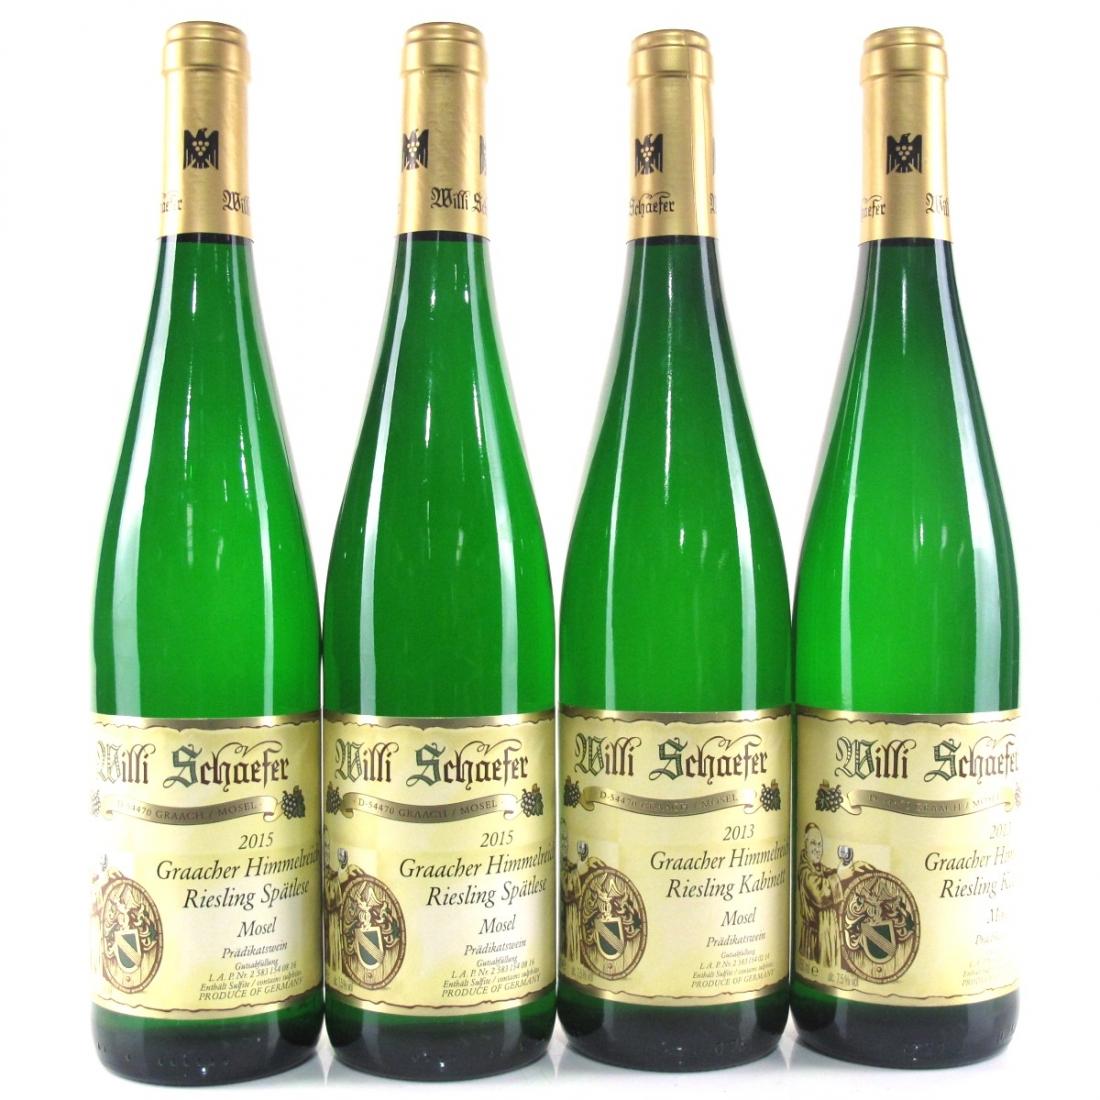 W.Schaefer Riesling Kabinett 2013 & Spatlese 2015 4x75cl